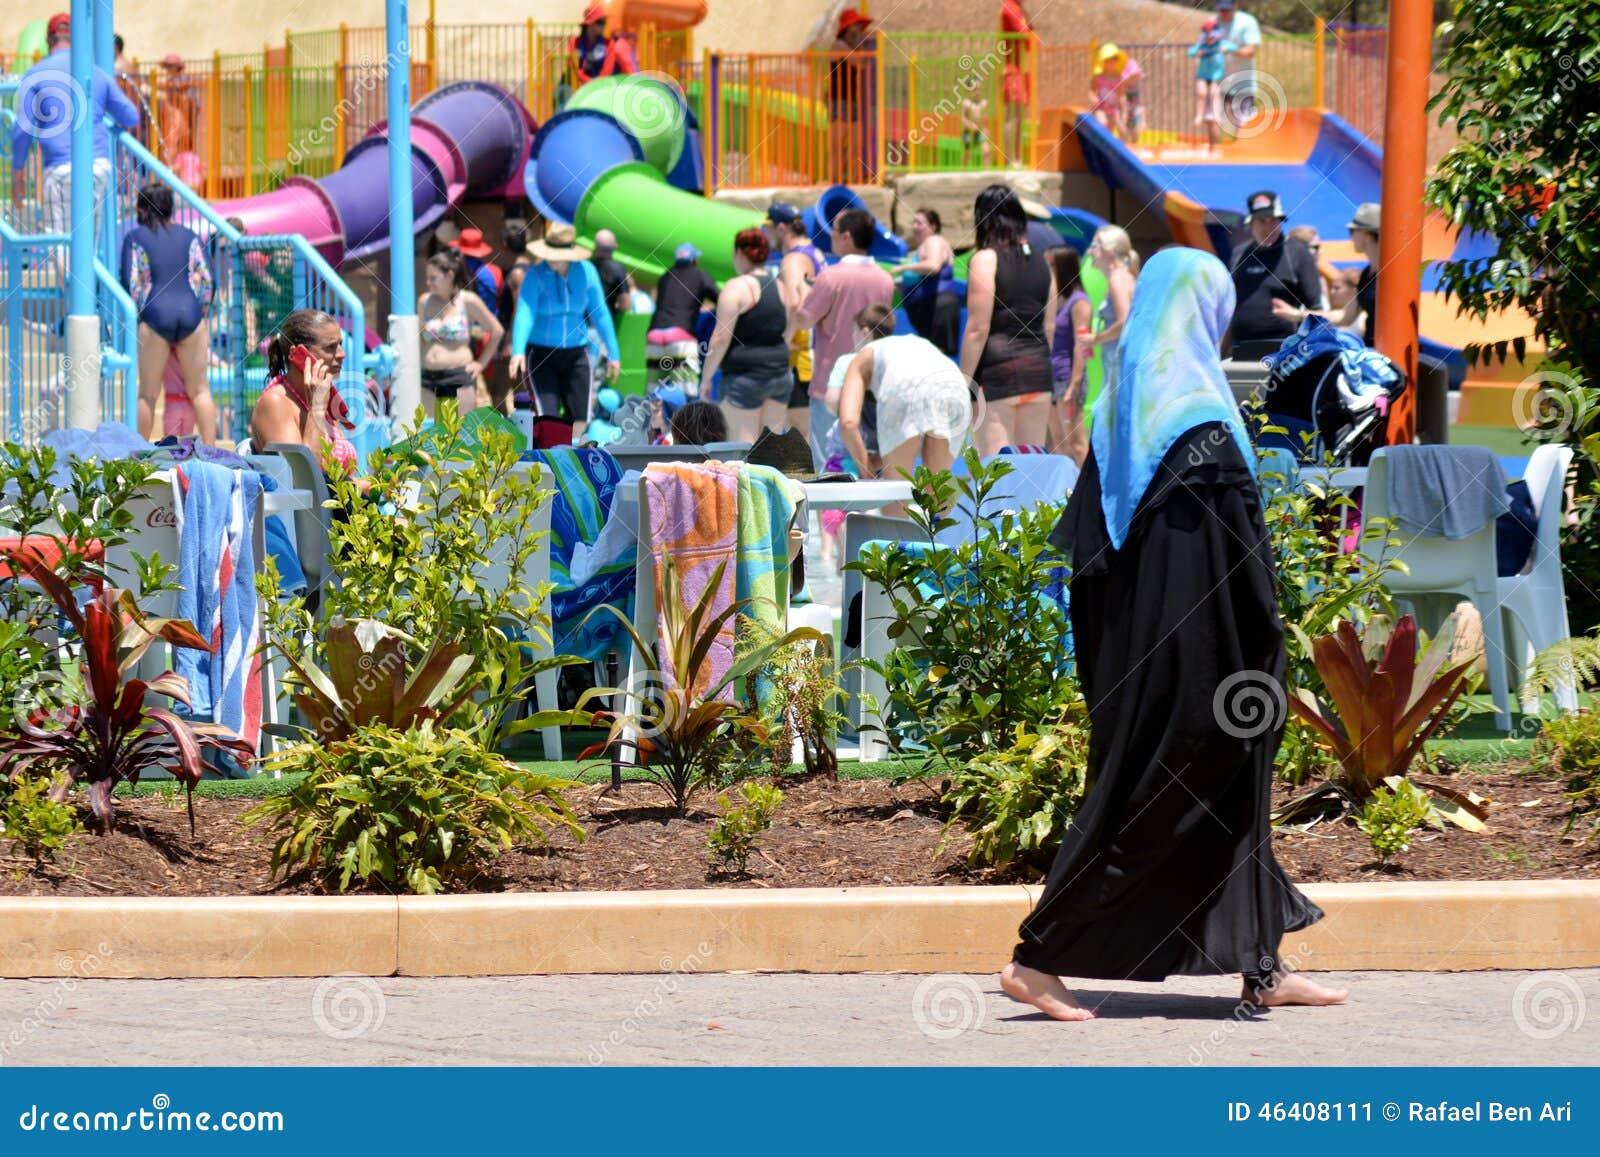 Gold coast muslim